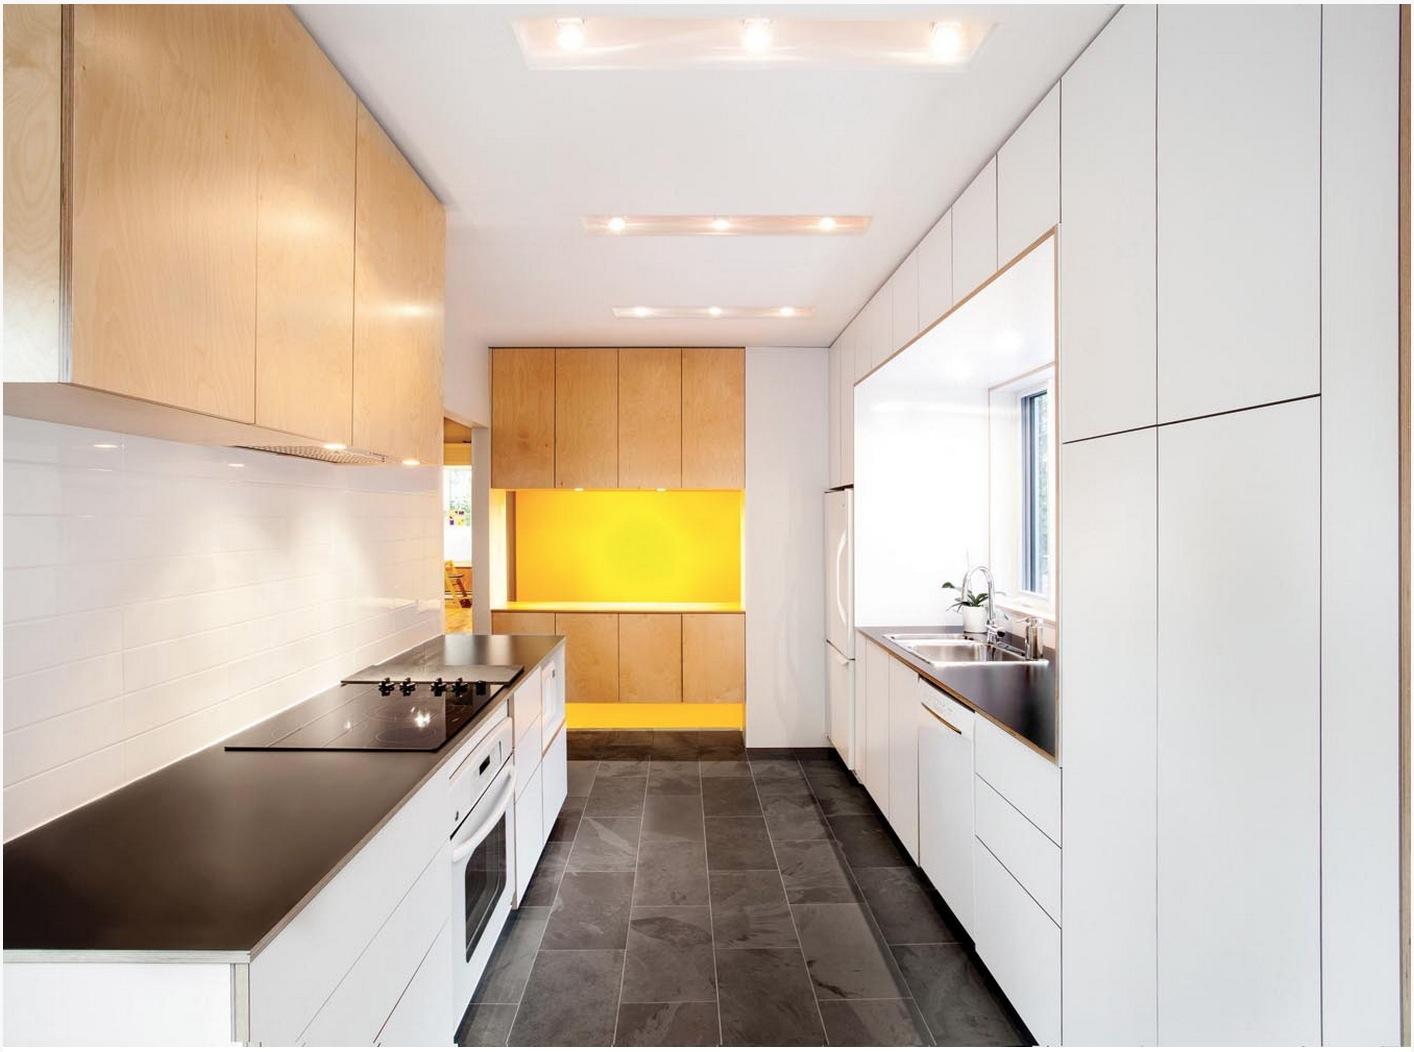 Residence-Berri-Montreal-Design-04